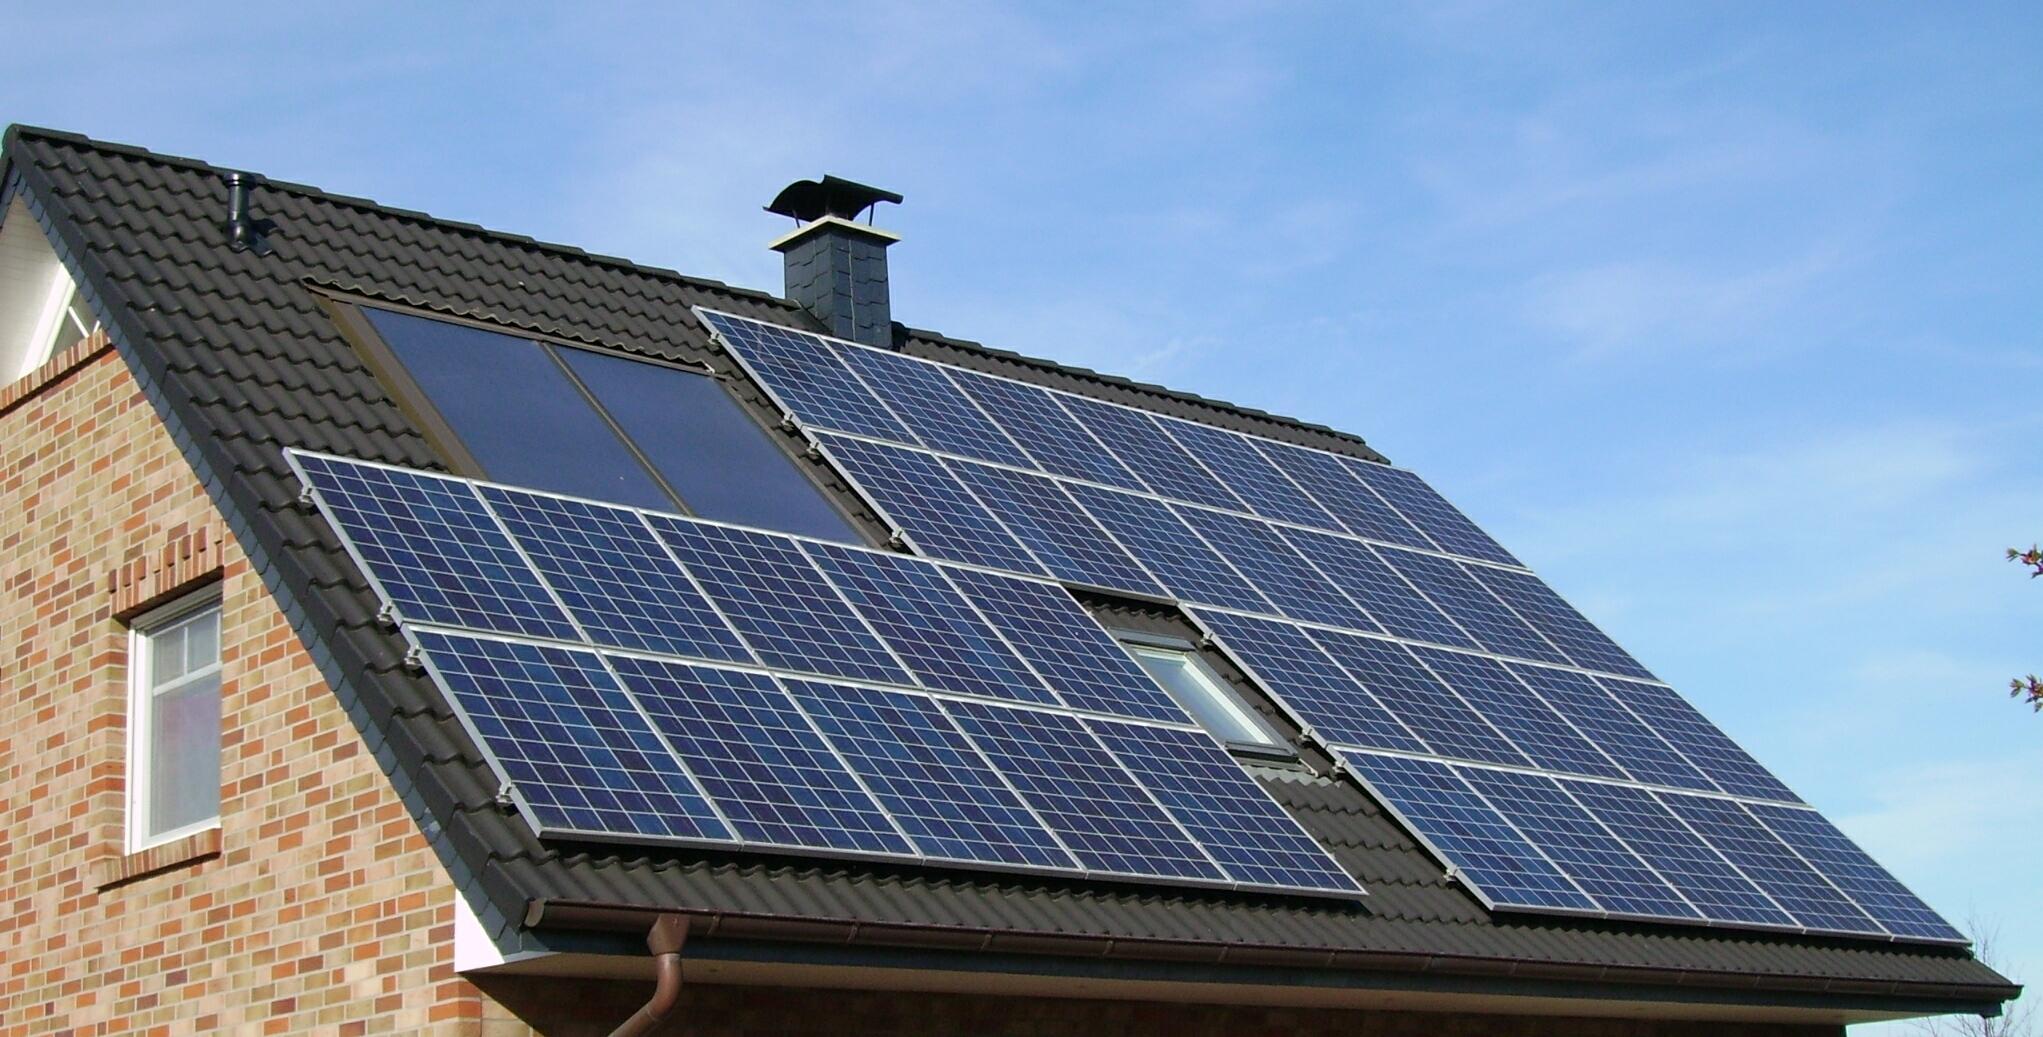 Kết quả hình ảnh cho solar panel on roof